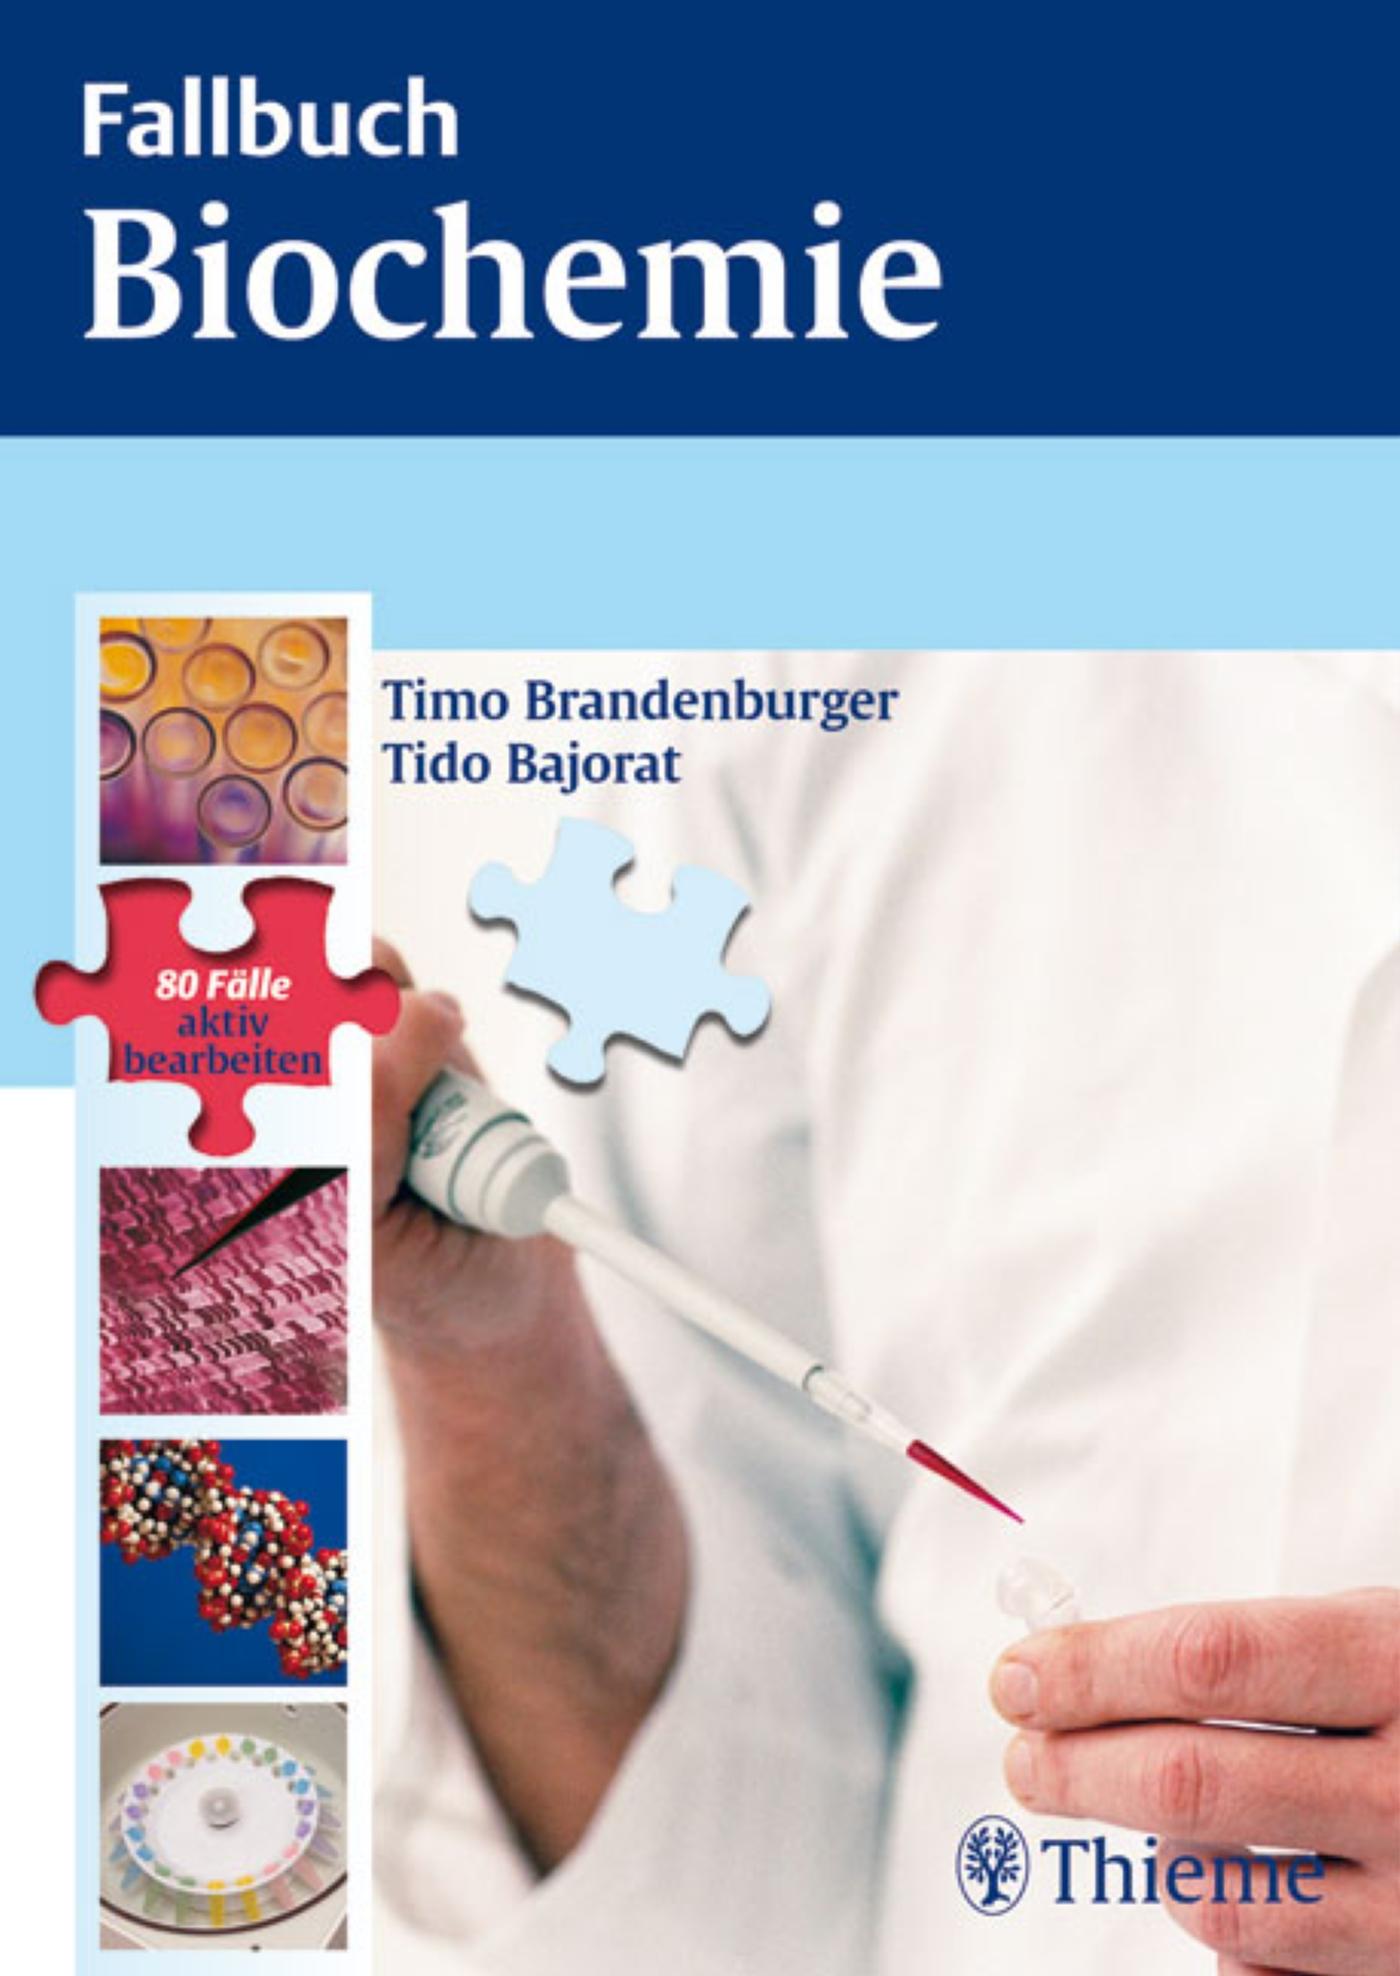 Fallbuch Biochemie